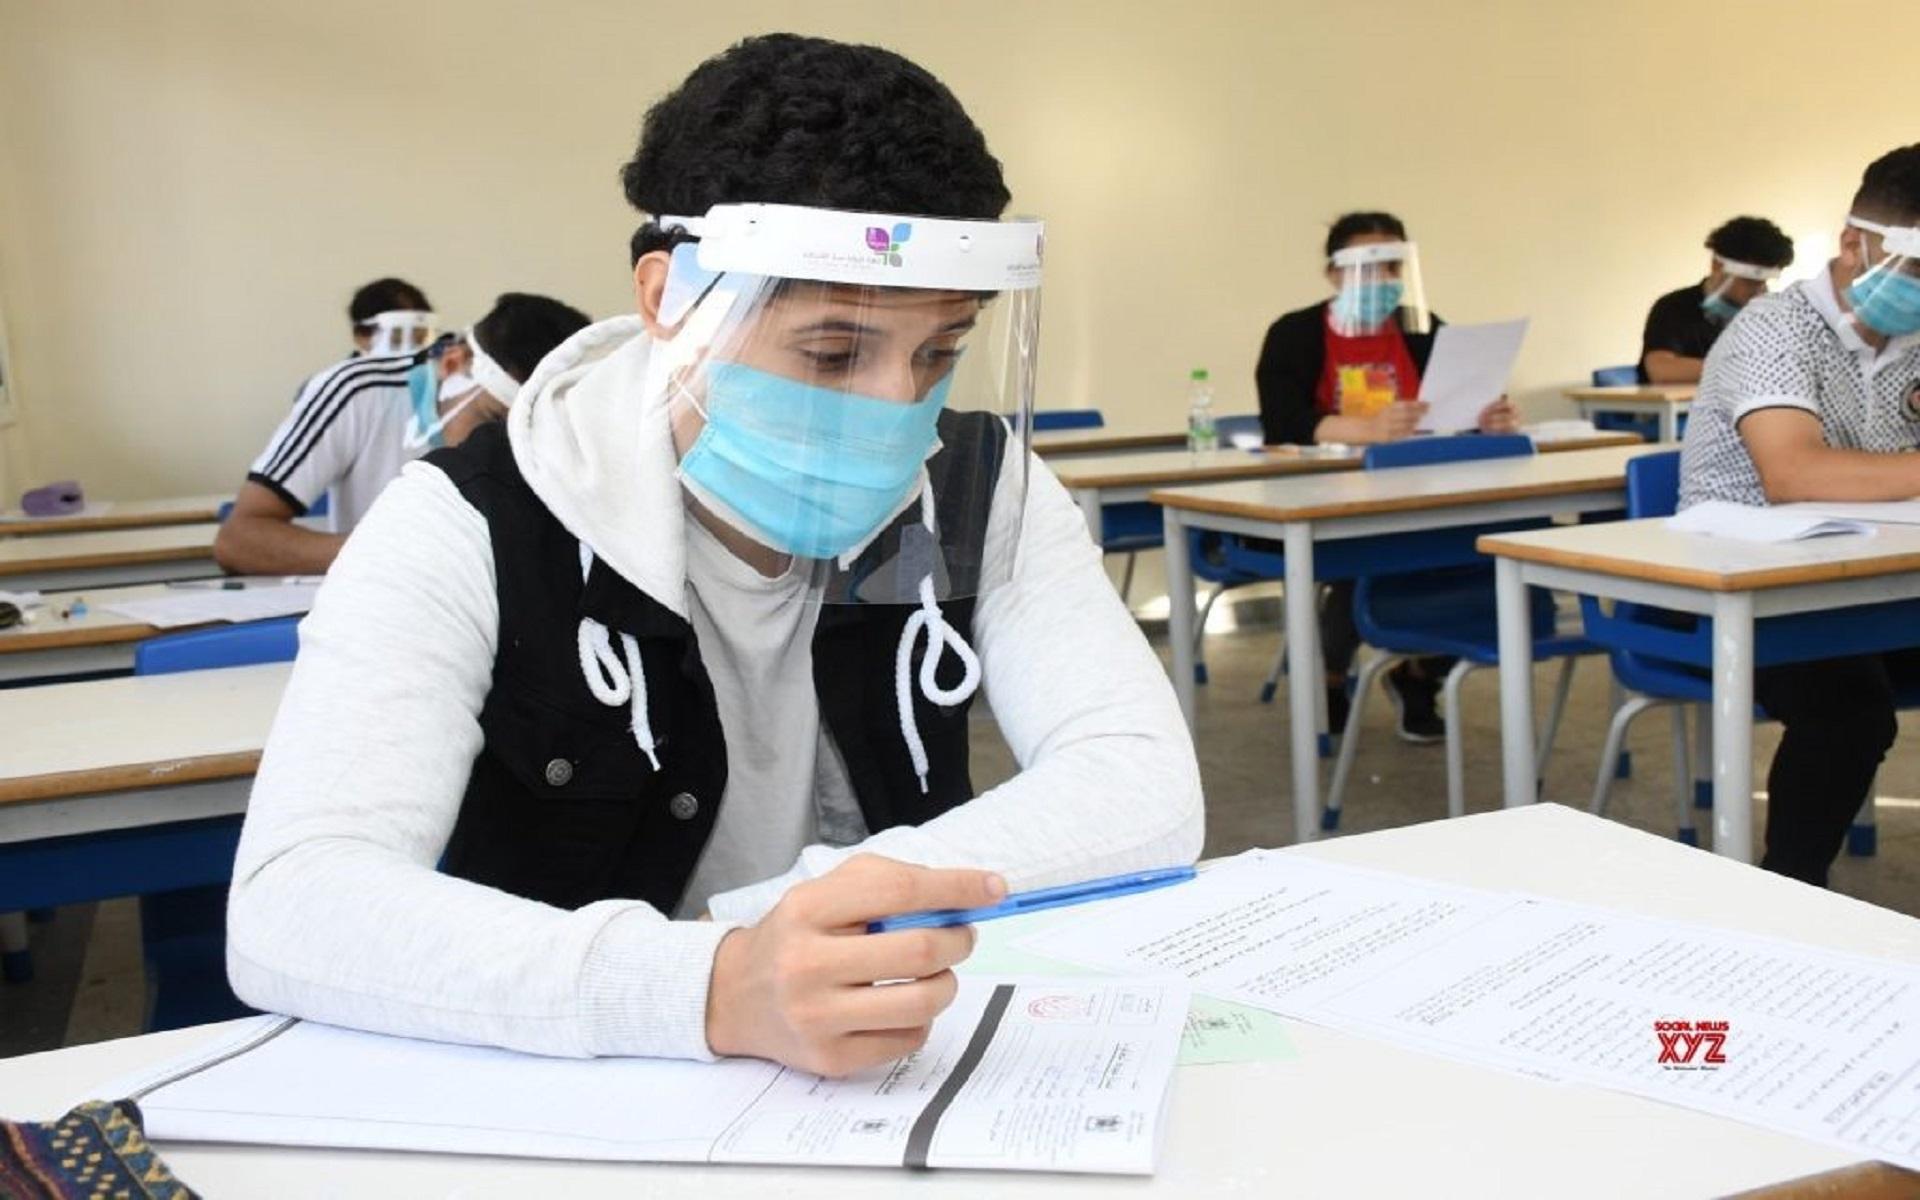 scenario of exams